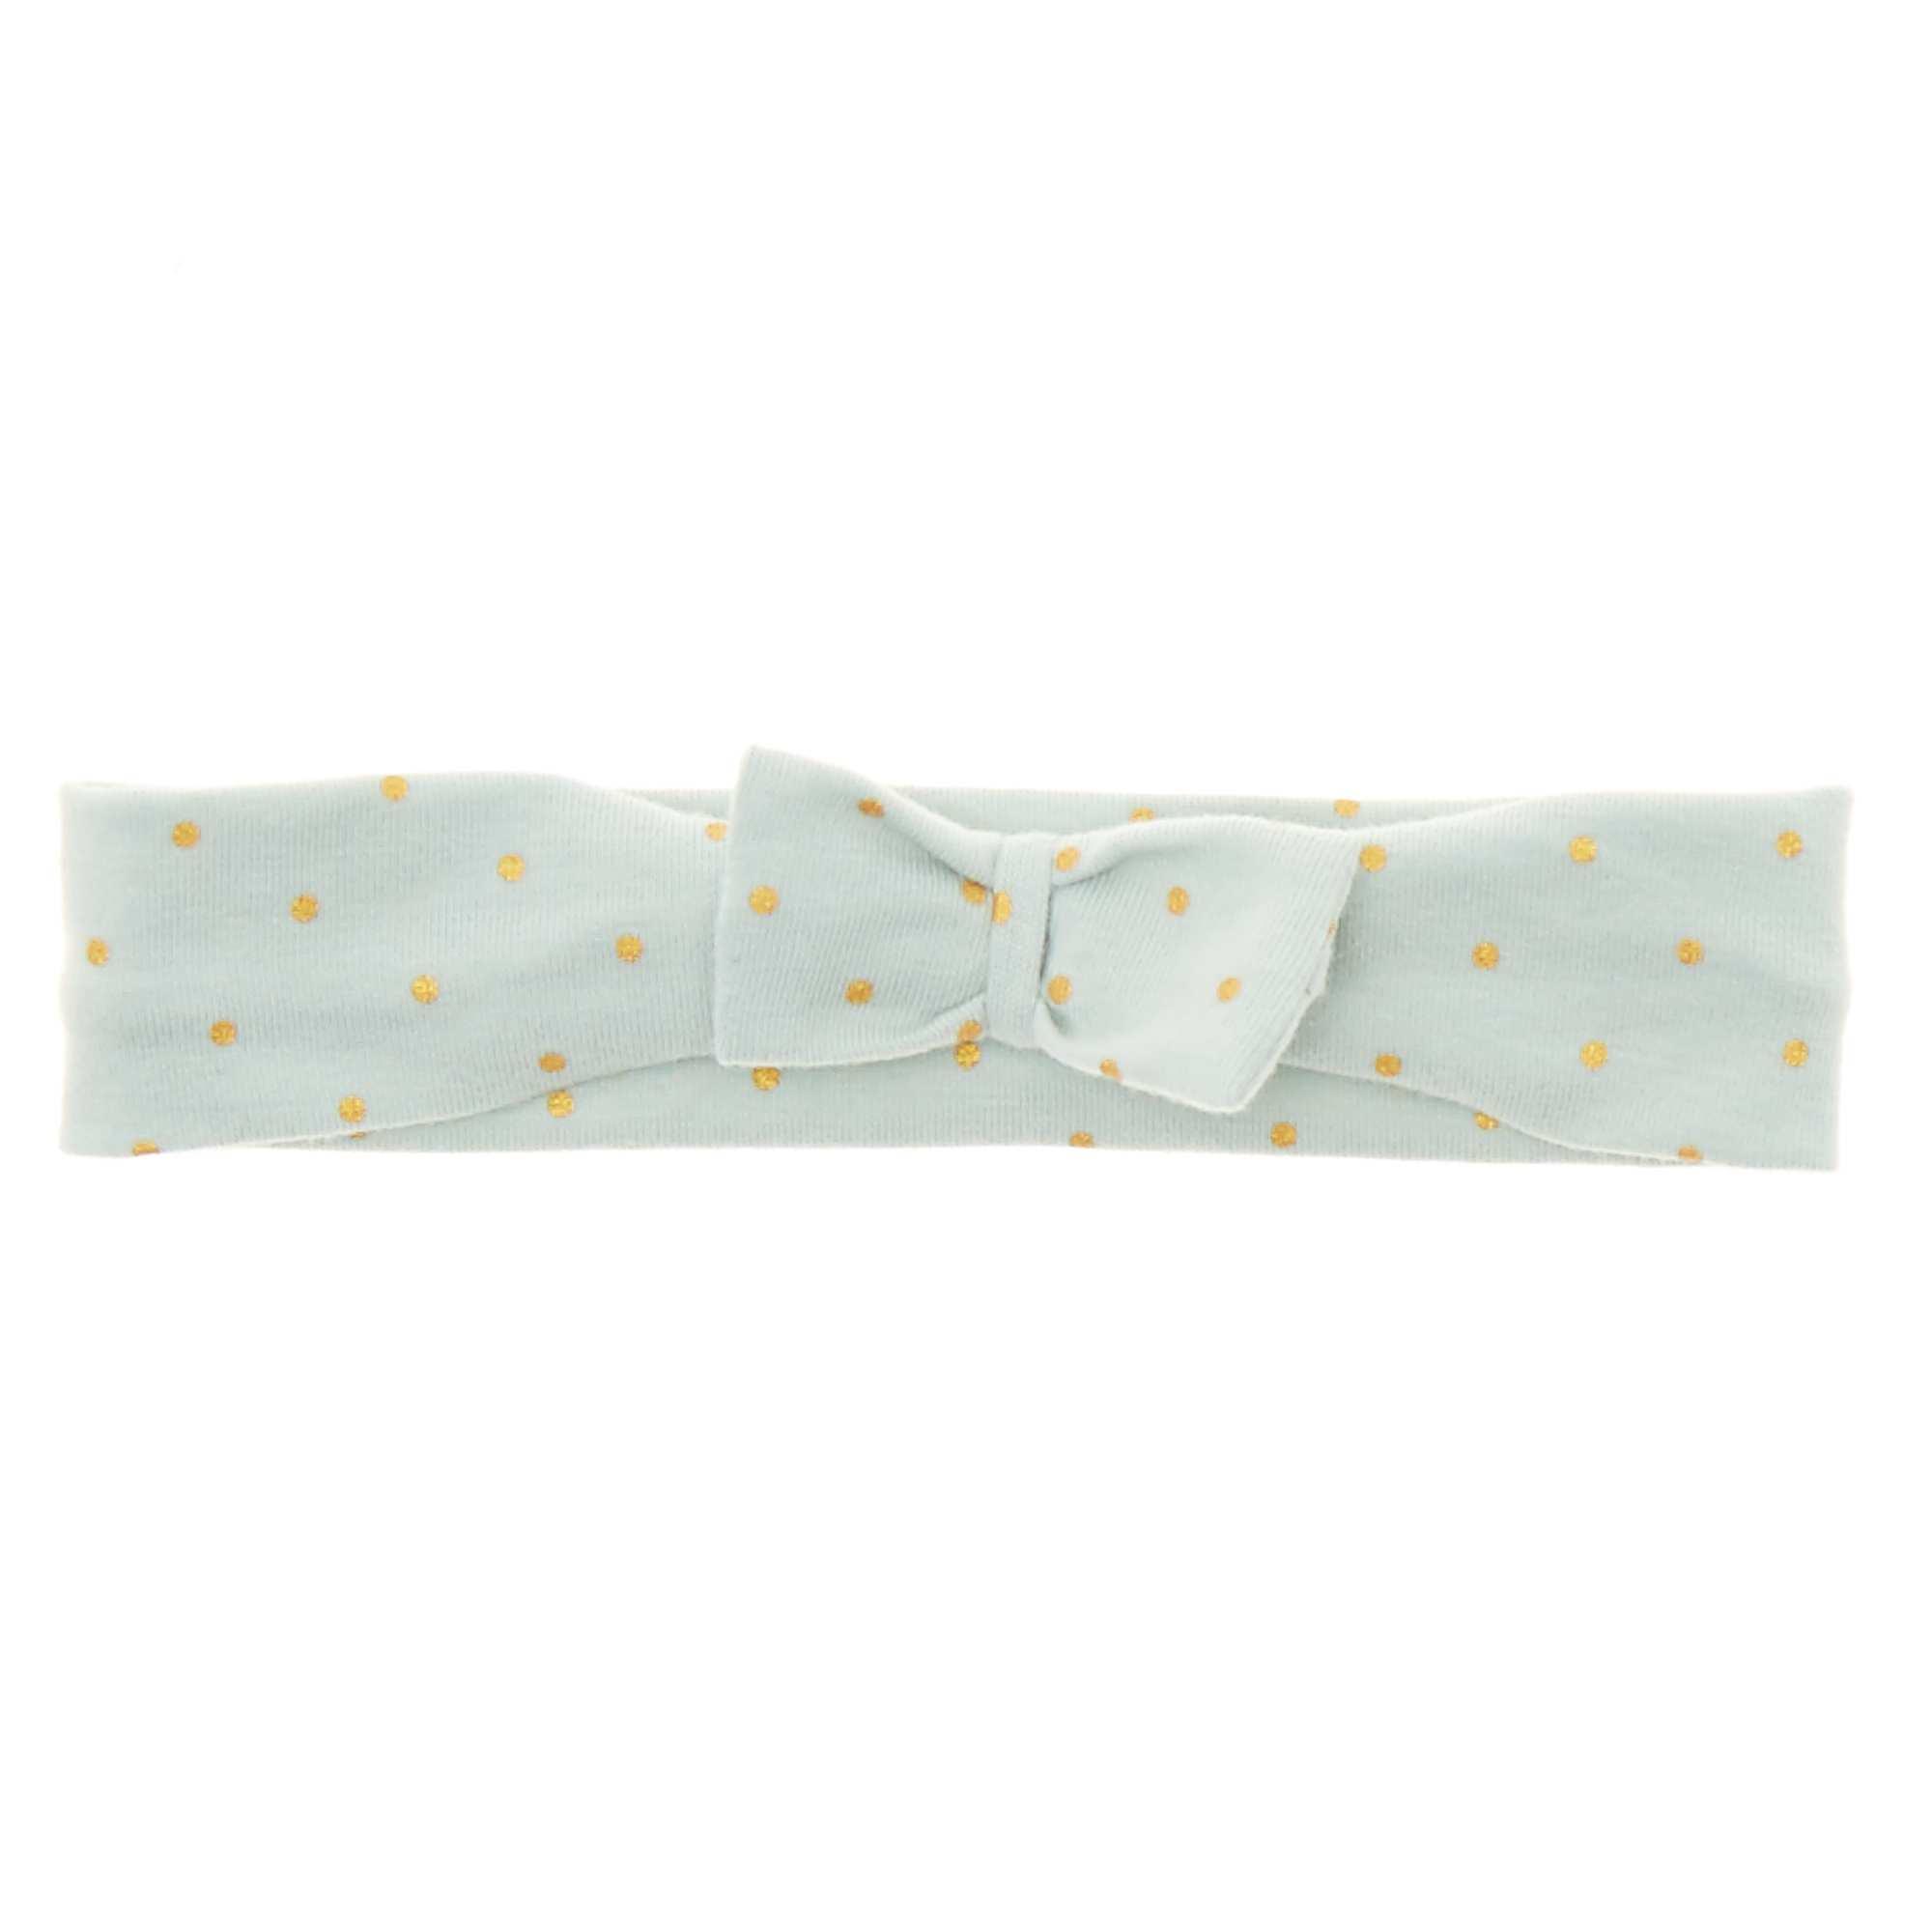 Bandeau noeud fantaisie Bébé fille - vert d eau pois - Kiabi - 2,00€ 3a60a61e7e3